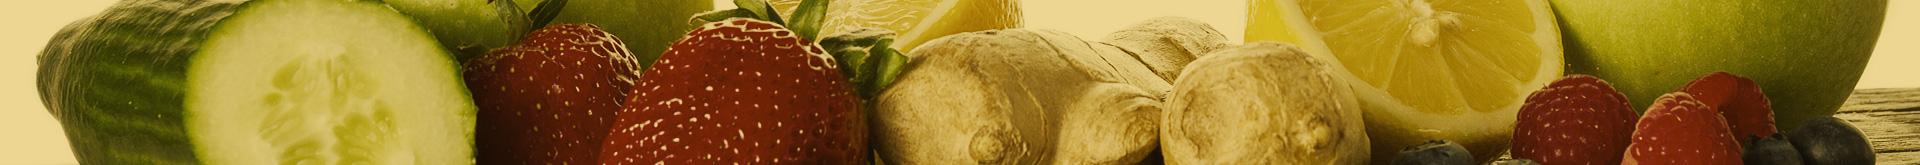 PPGN - Programa de Pós-graduação em Nutrição - UFRJ